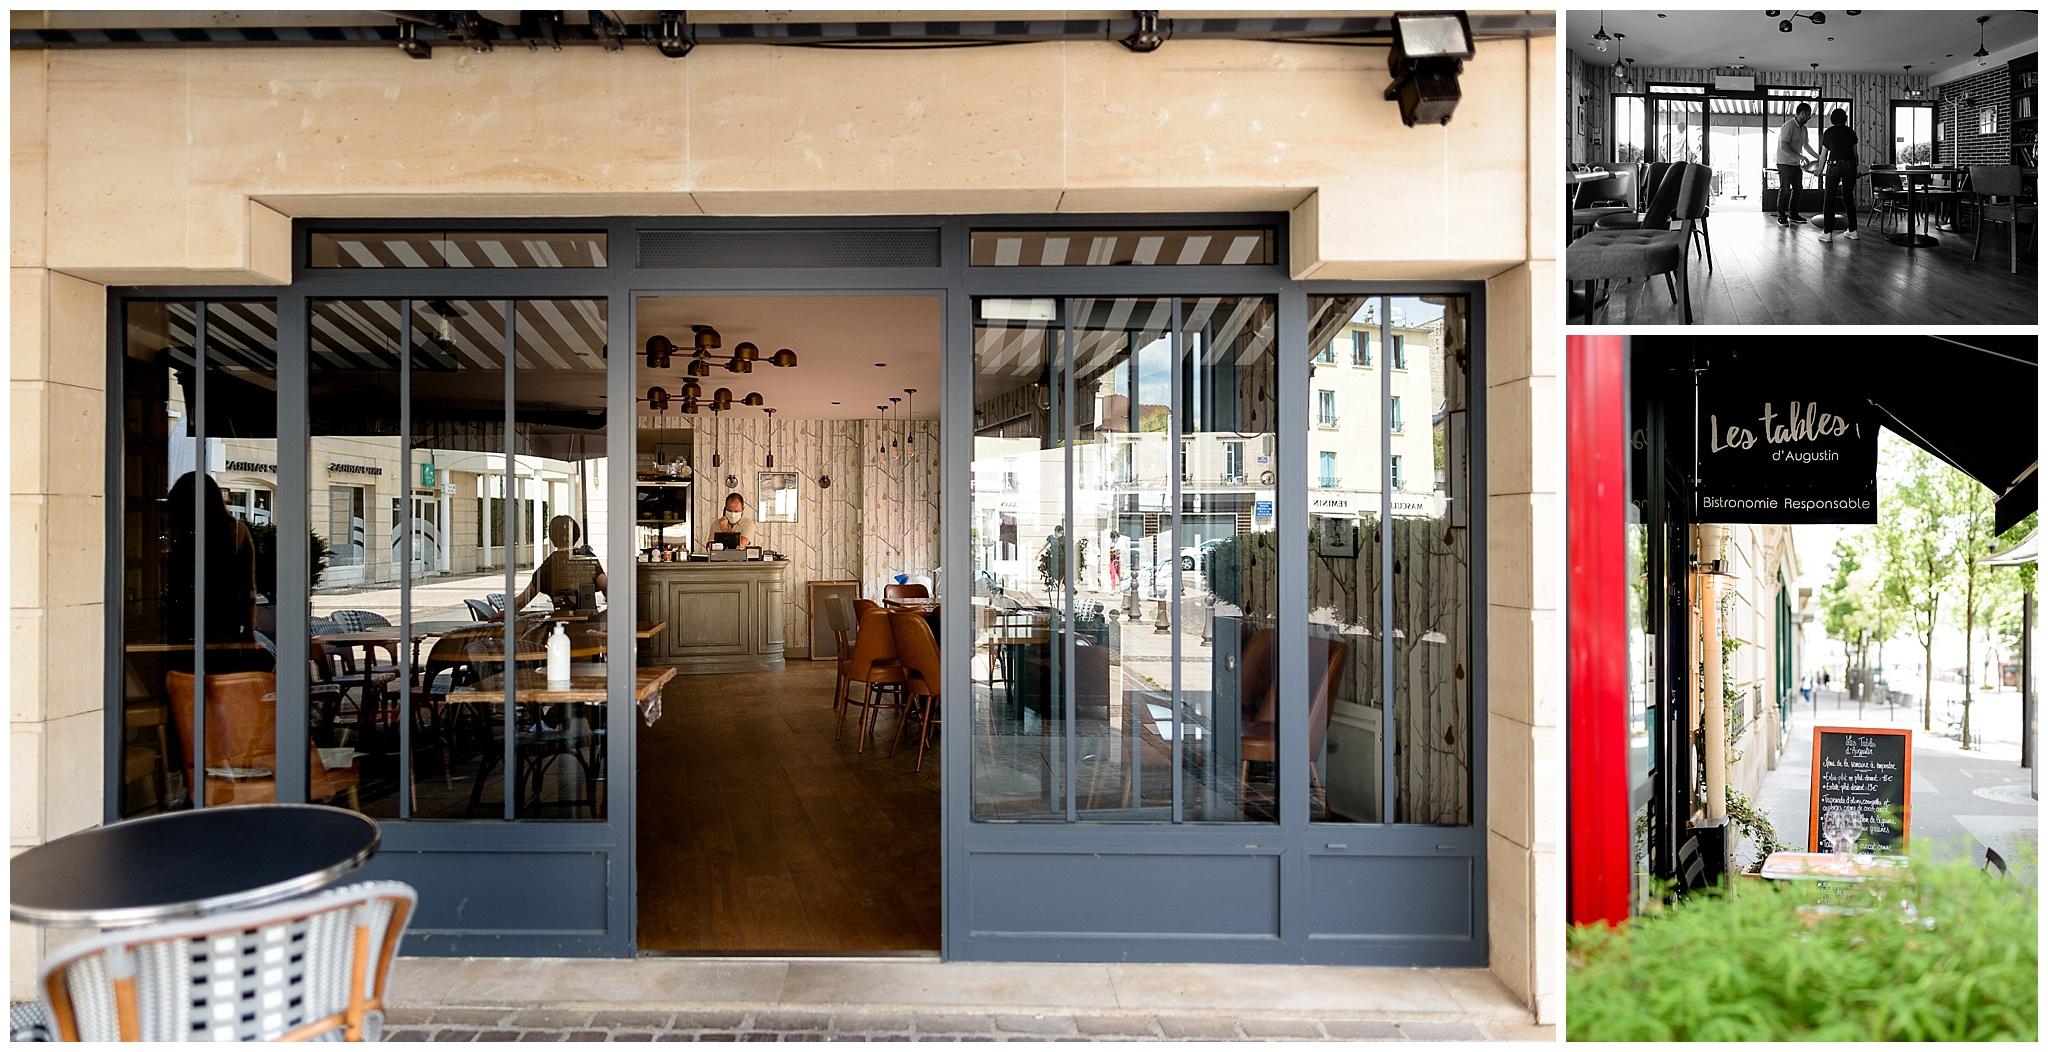 Restaurant confinement cuisine goût 78 92 75 Paris Yvelines chefs terrasse Sandrine Siryani  Cabane bel ami enfants de coeur Ballon voyageur Tables d'Augustin